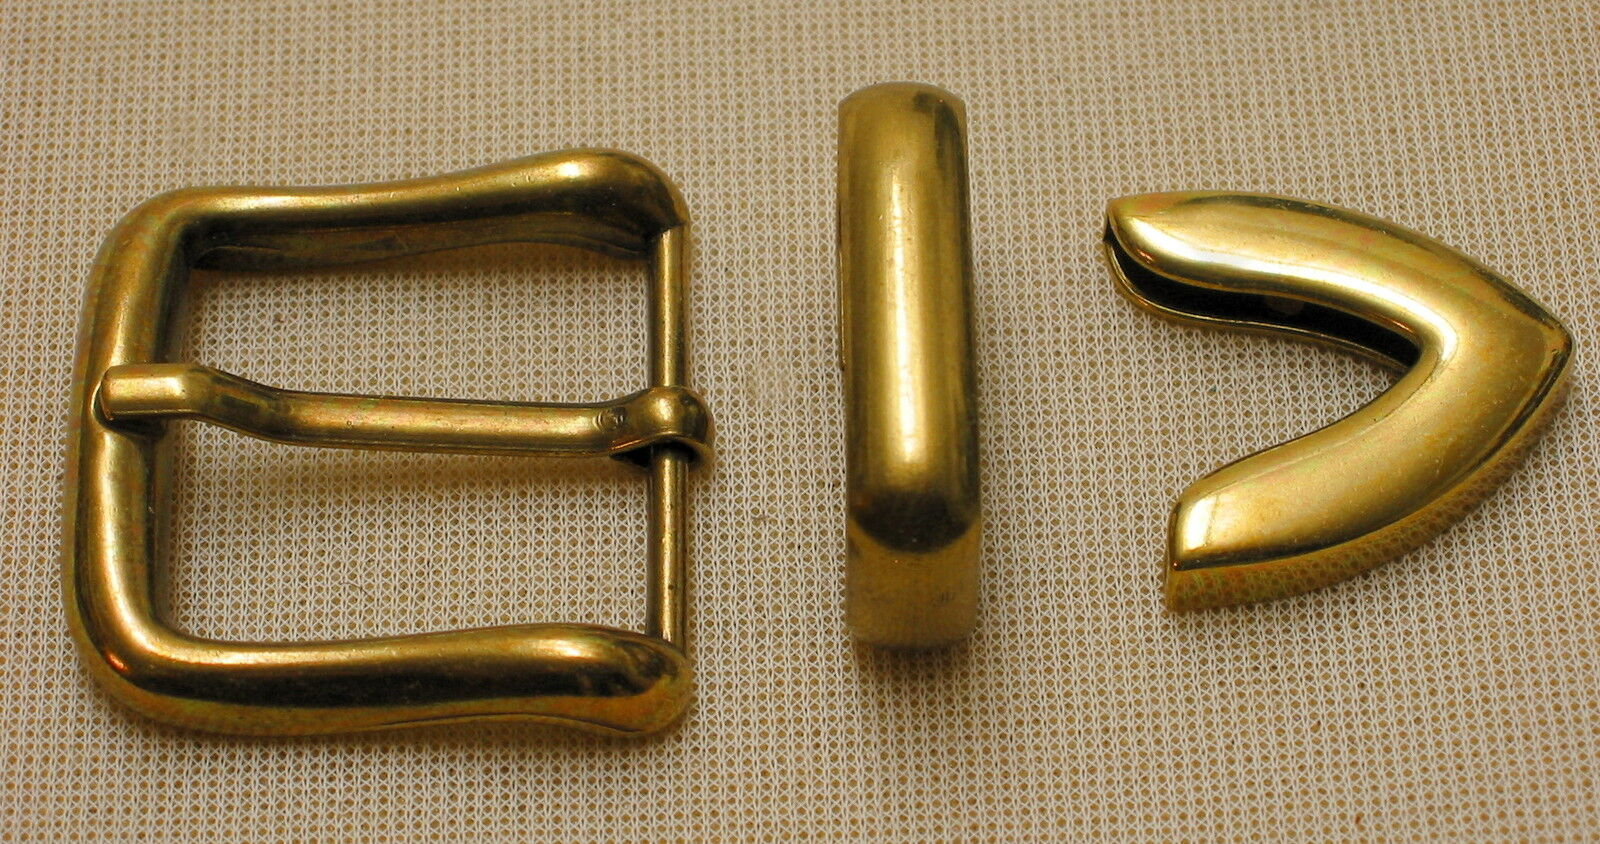 Adorno en la cintura incl. correa de + punta para cinturón ancho 3cm metal color de latón #